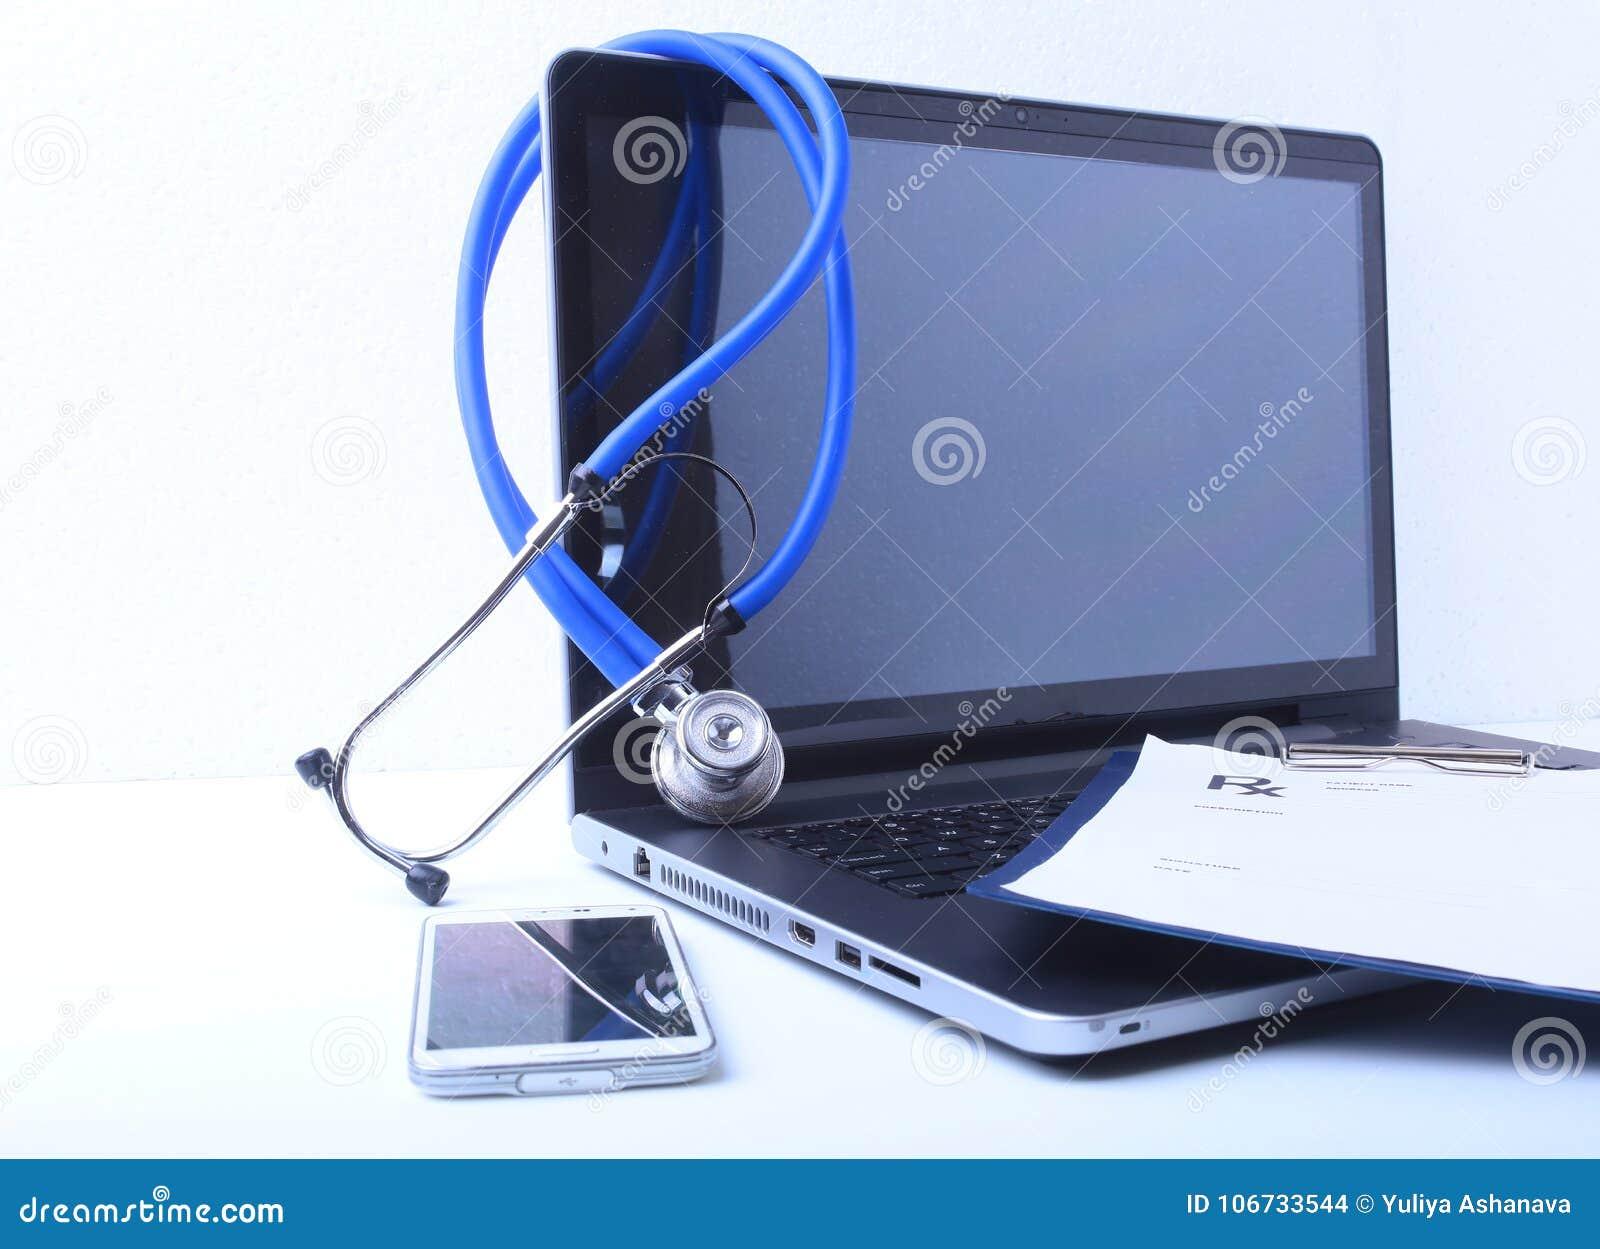 Um estetoscópio médico perto de um portátil em uma tabela de madeira, no branco